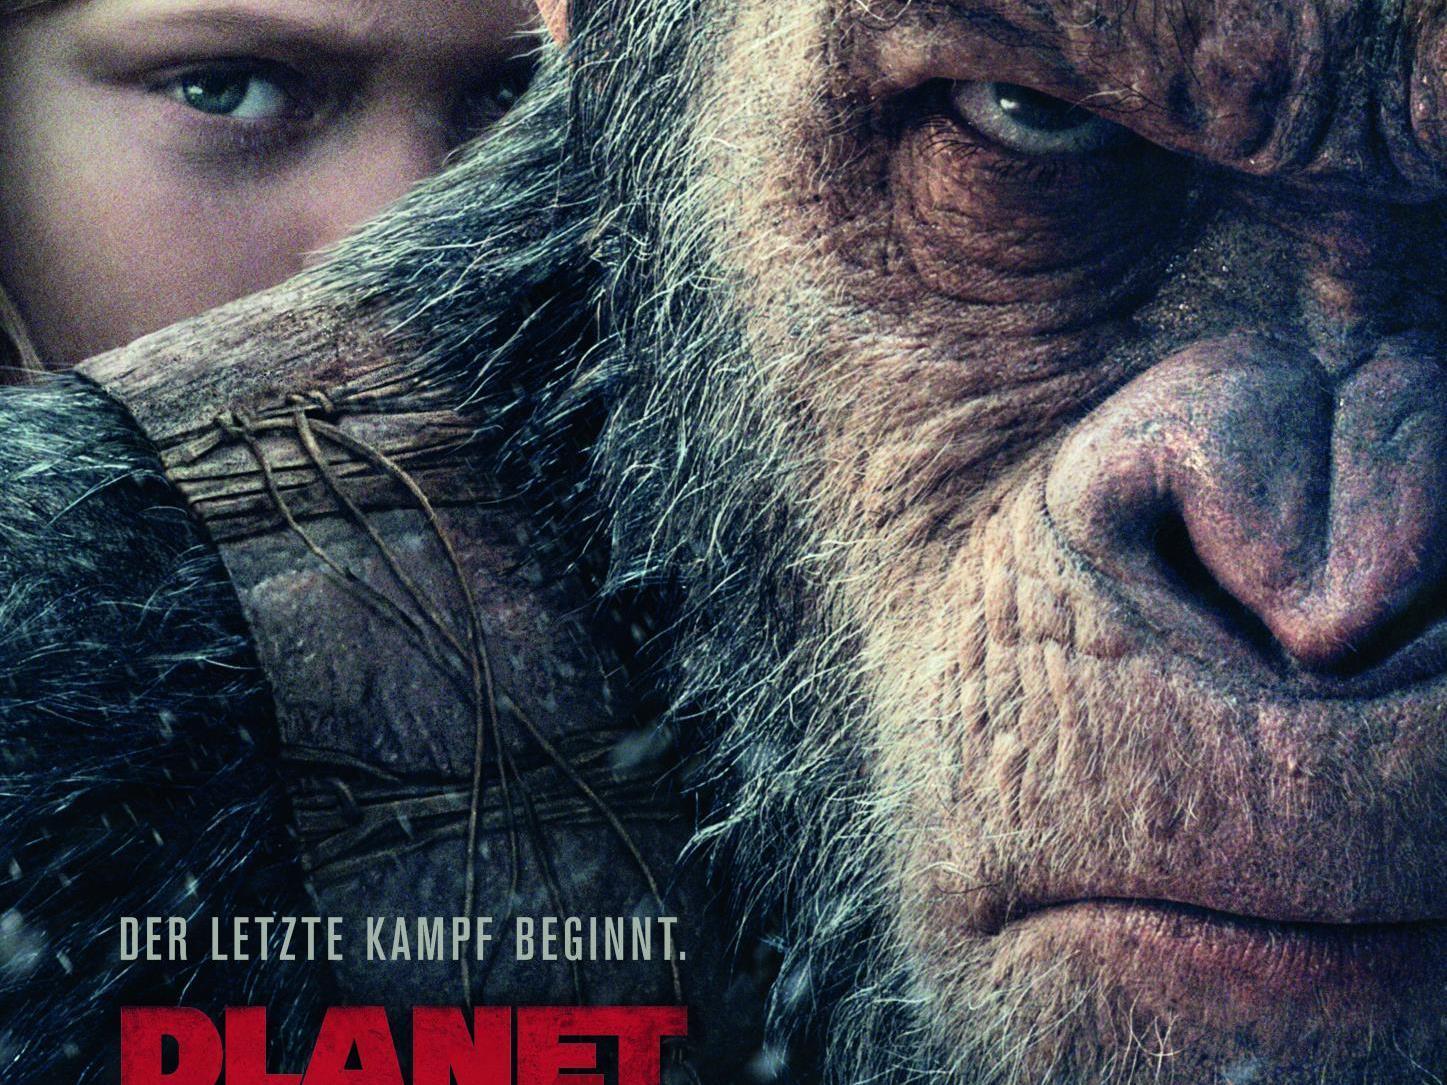 Planet der Affen: Survival ist gegen eine freie Spende für den guten Zweck in der Lugner City Wien zu sehen.